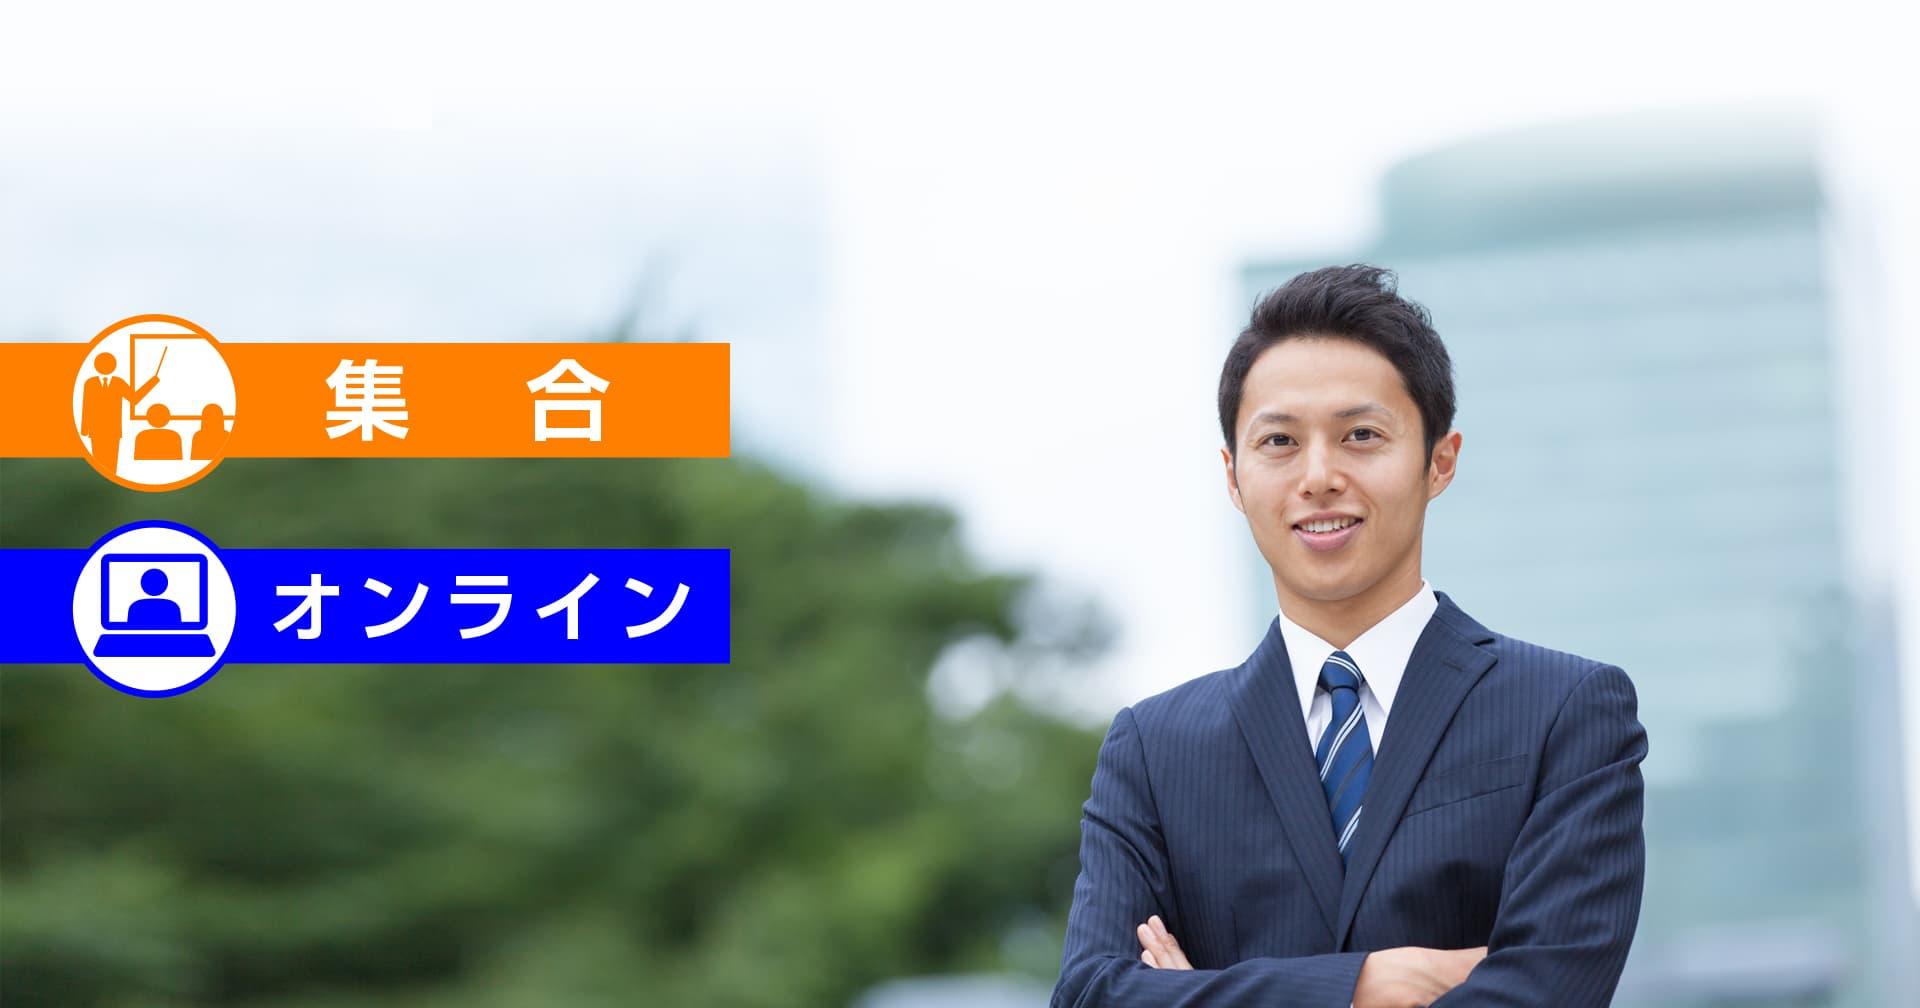 【集合研修】課長研修 マネジメント革新コース(2日)